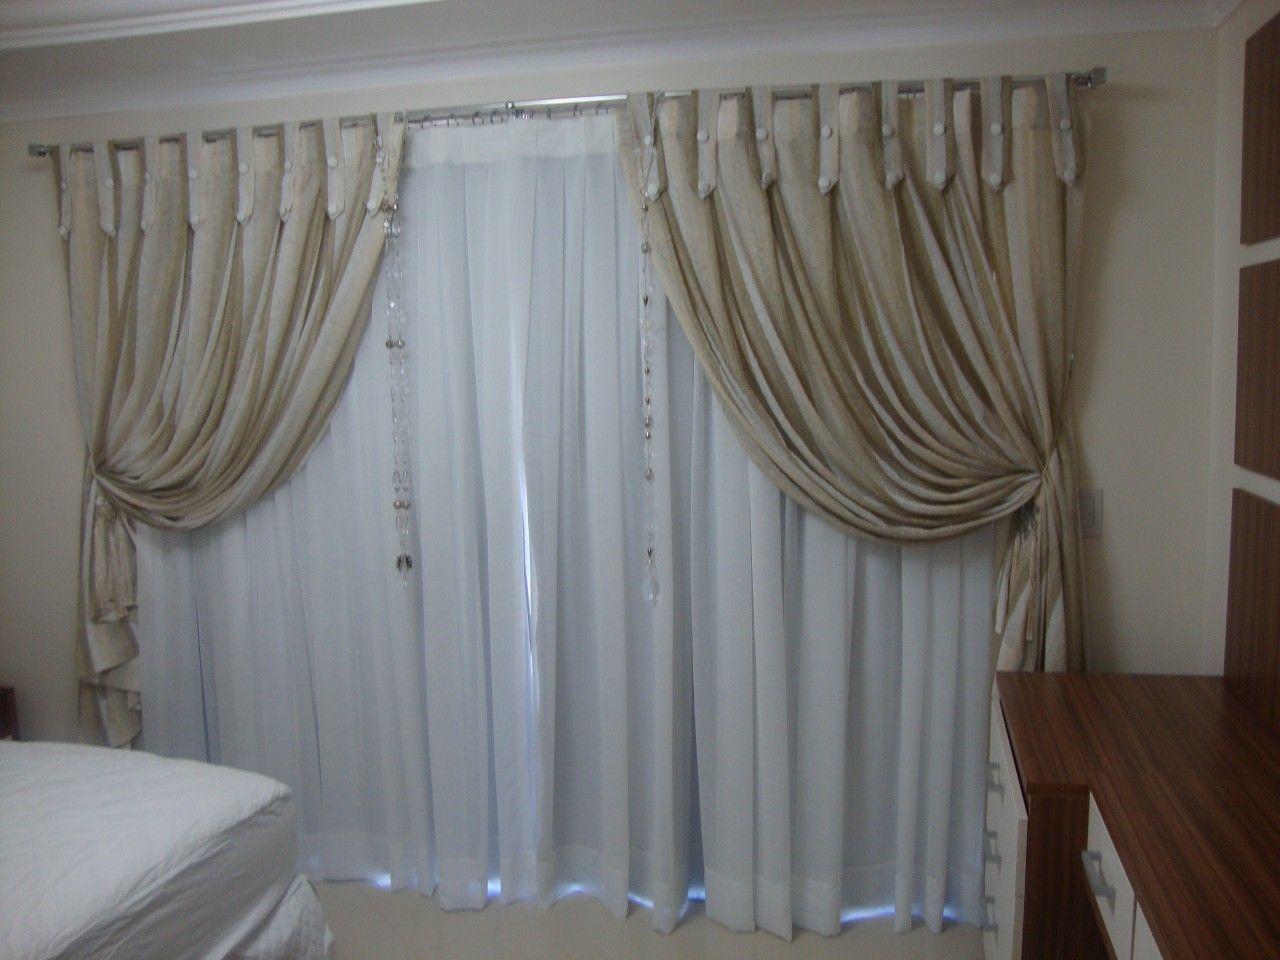 Cortinas para quarto pesquisa google cortinados for Cortinas para cortinas